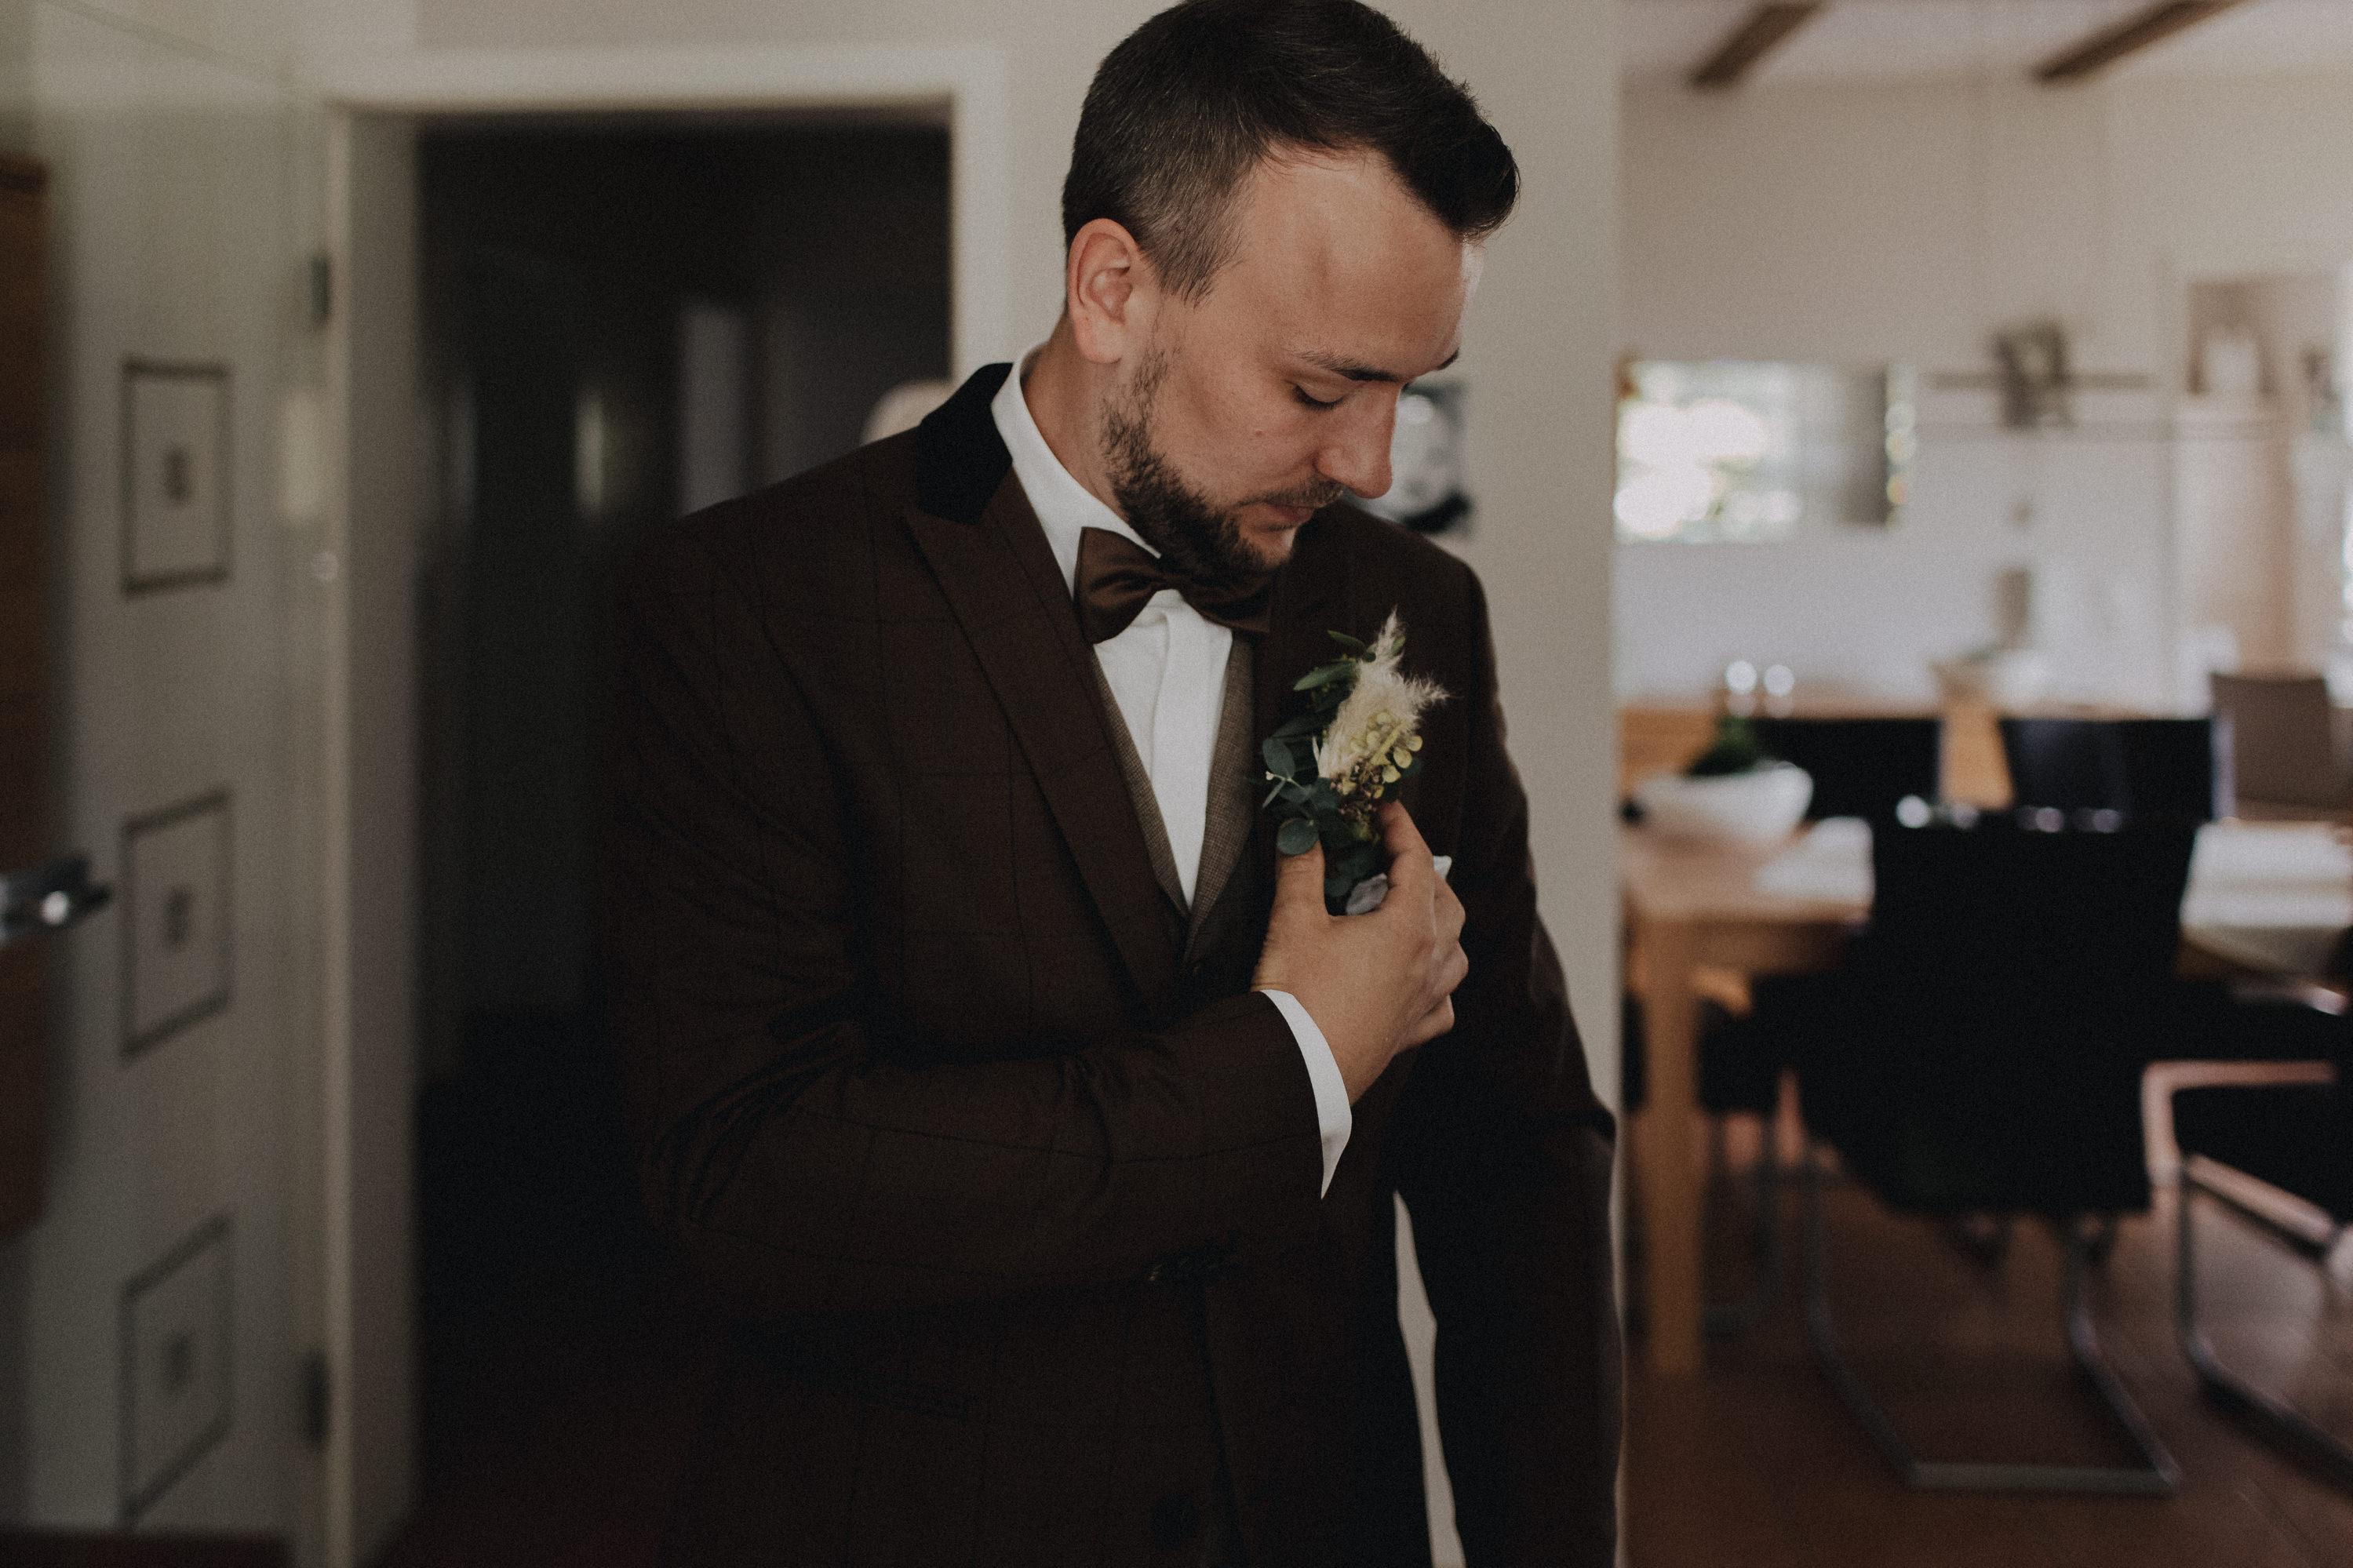 Dieses Foto ist Teil einer Hochzeitsreportage, die von den Hochzeitsfotografen Tom und Lia aus Potsdam aufgenommen wurde. Zu sehen ist der Bräutigam während des Getting Readys, der sich mit seinen besten Freunden anzieht.